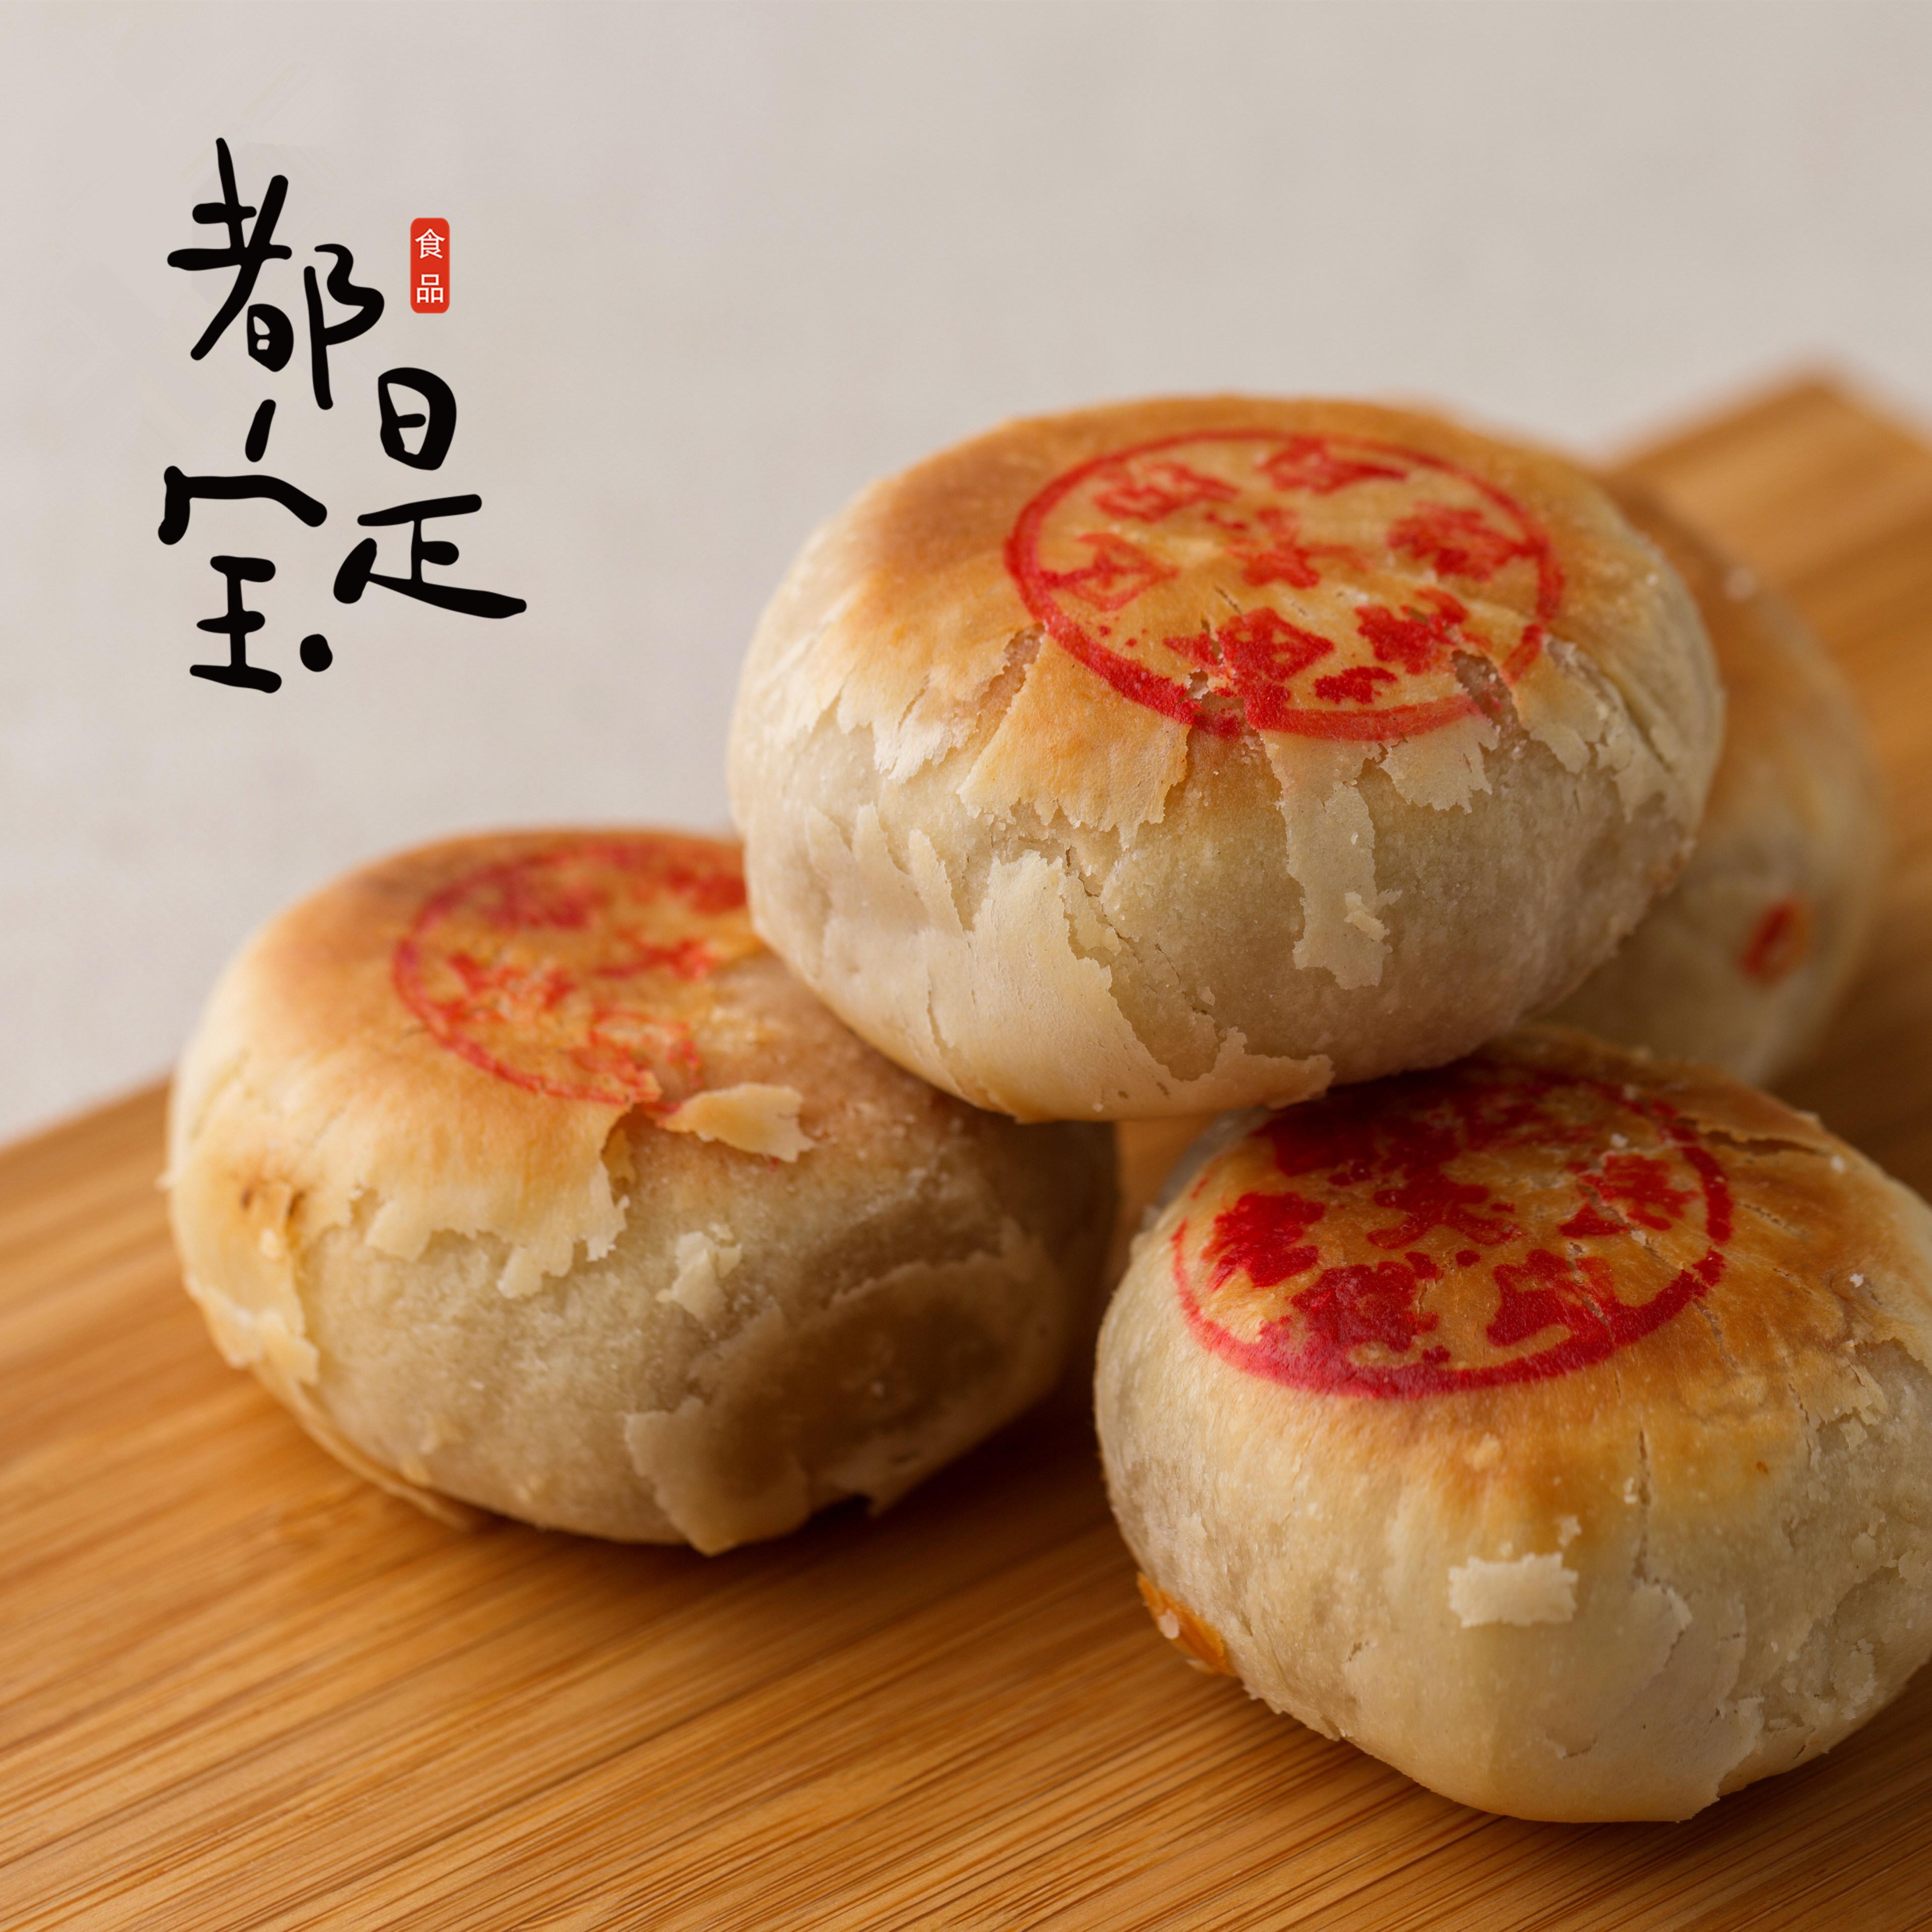 10-16新券上海特产鲜肉月饼西区老大房12枚当天现烤真空老字号礼盒包顺丰